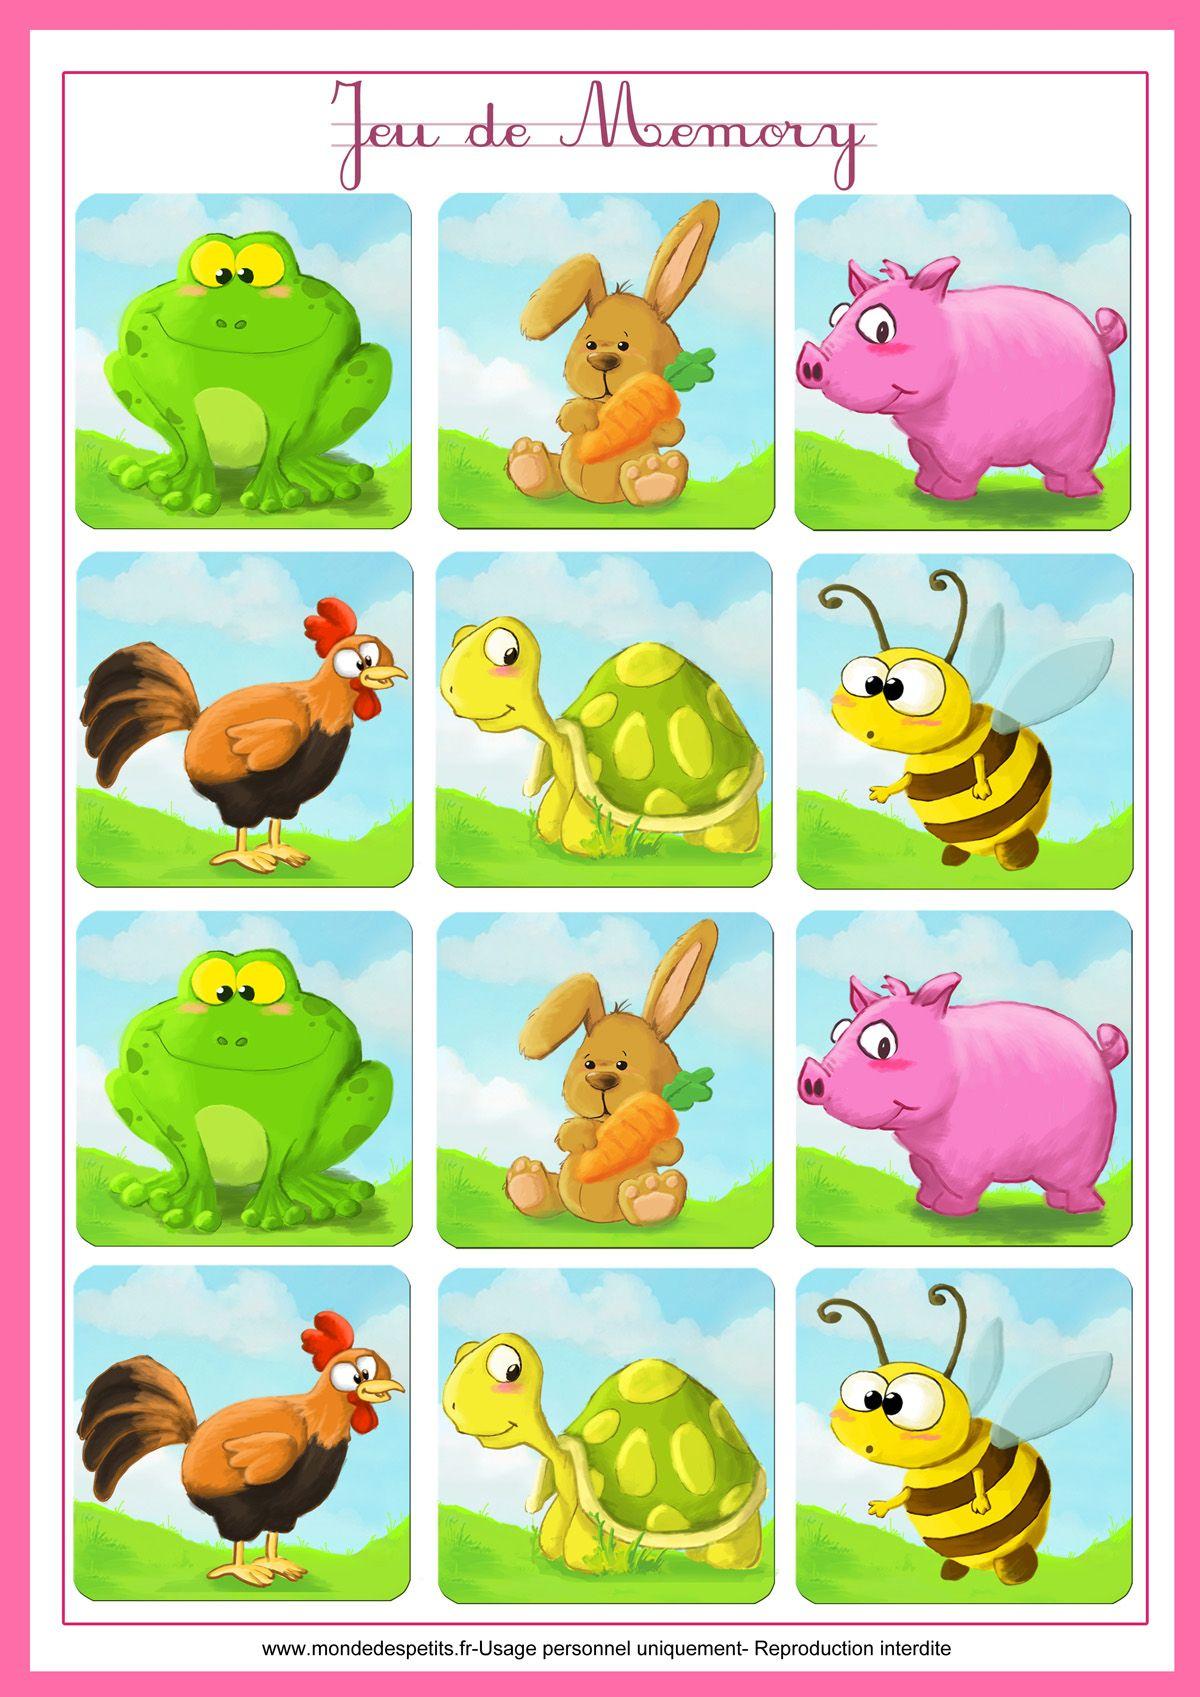 Jeu-Memory-Animaux-Imprimer 1 200×1 697 Пикс | Jeux De avec Jeux Les Animaux De La Ferme